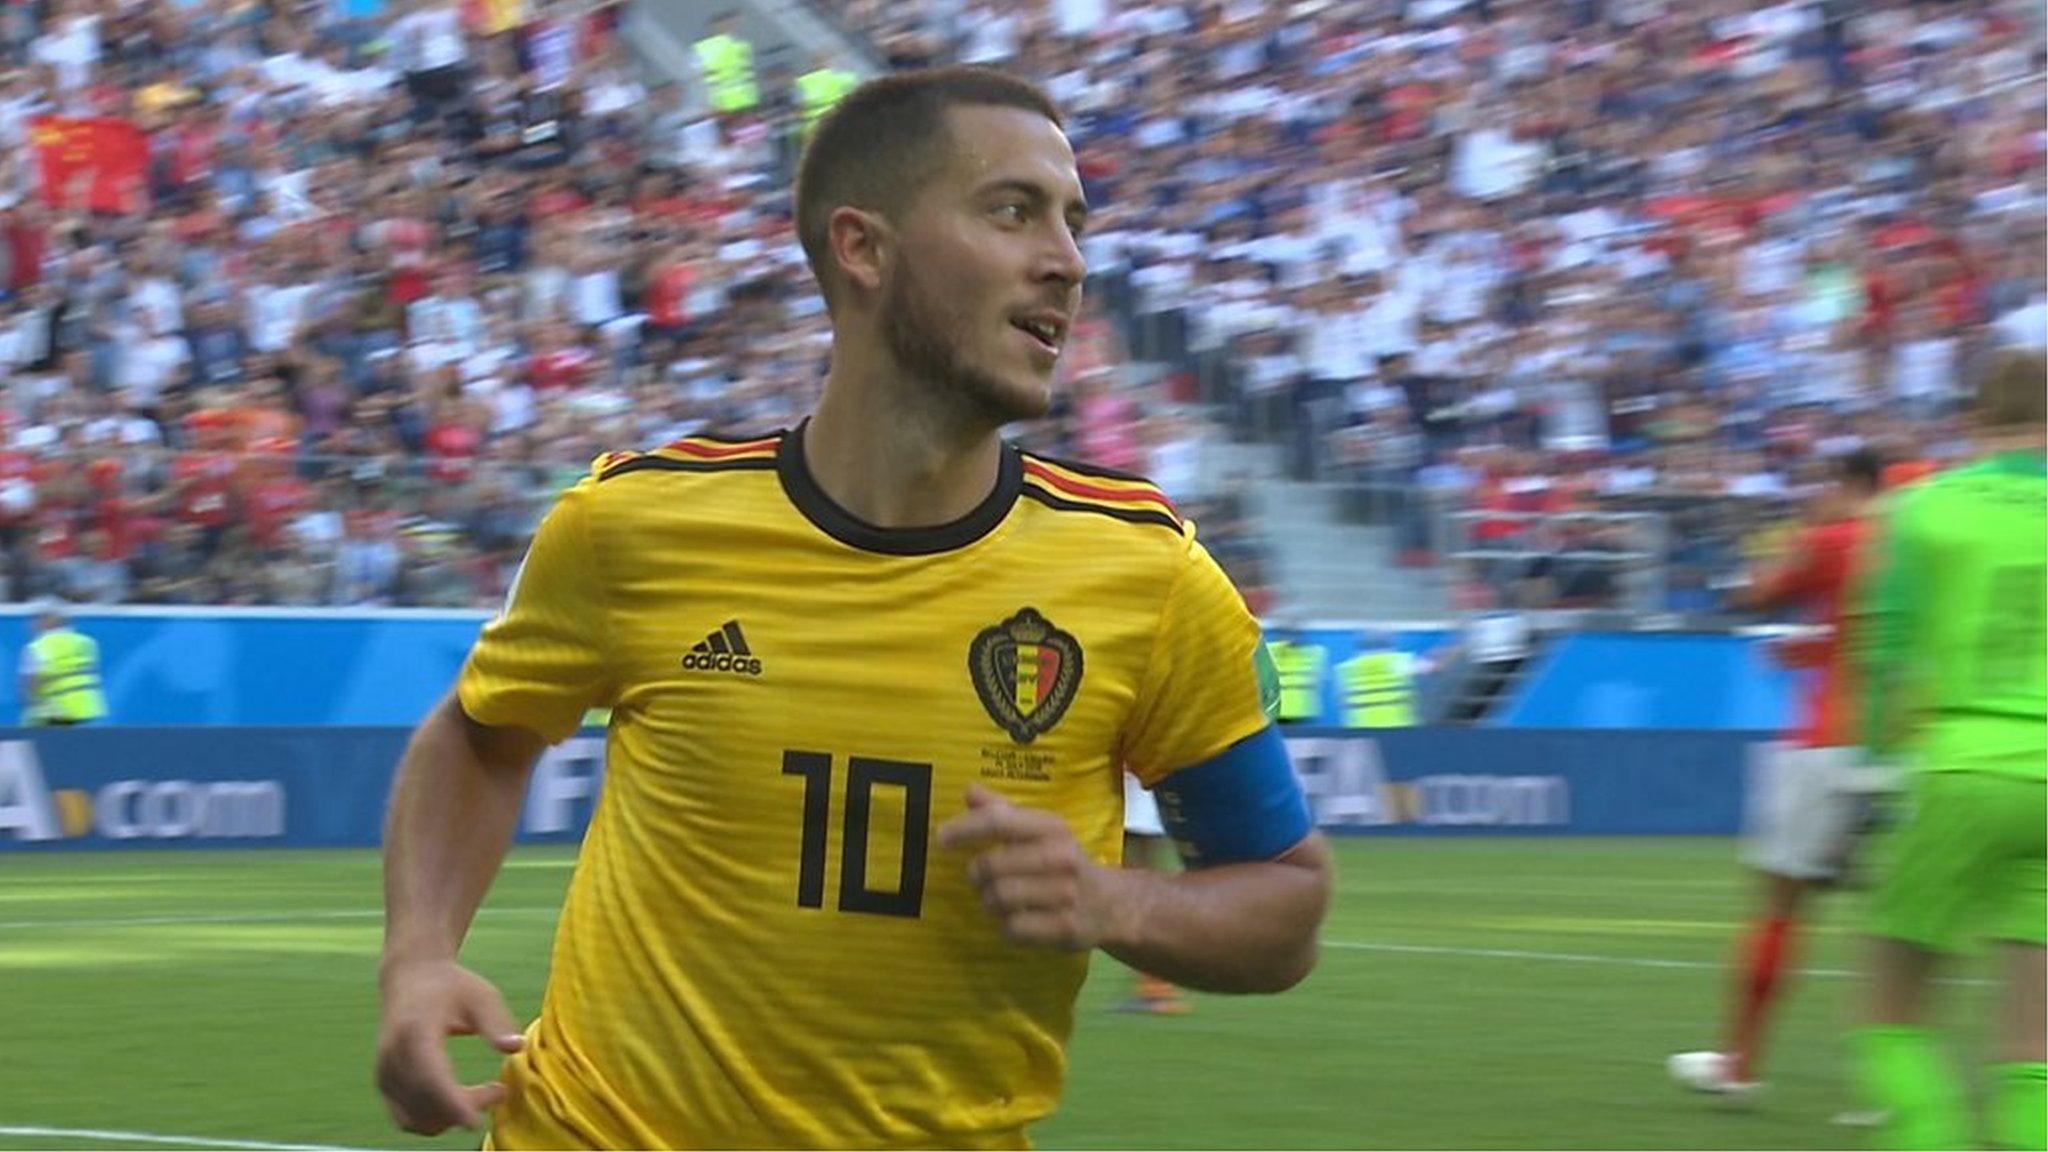 World Cup 2018: Eden Hazard breakaway goal seals victory for Belgium against England